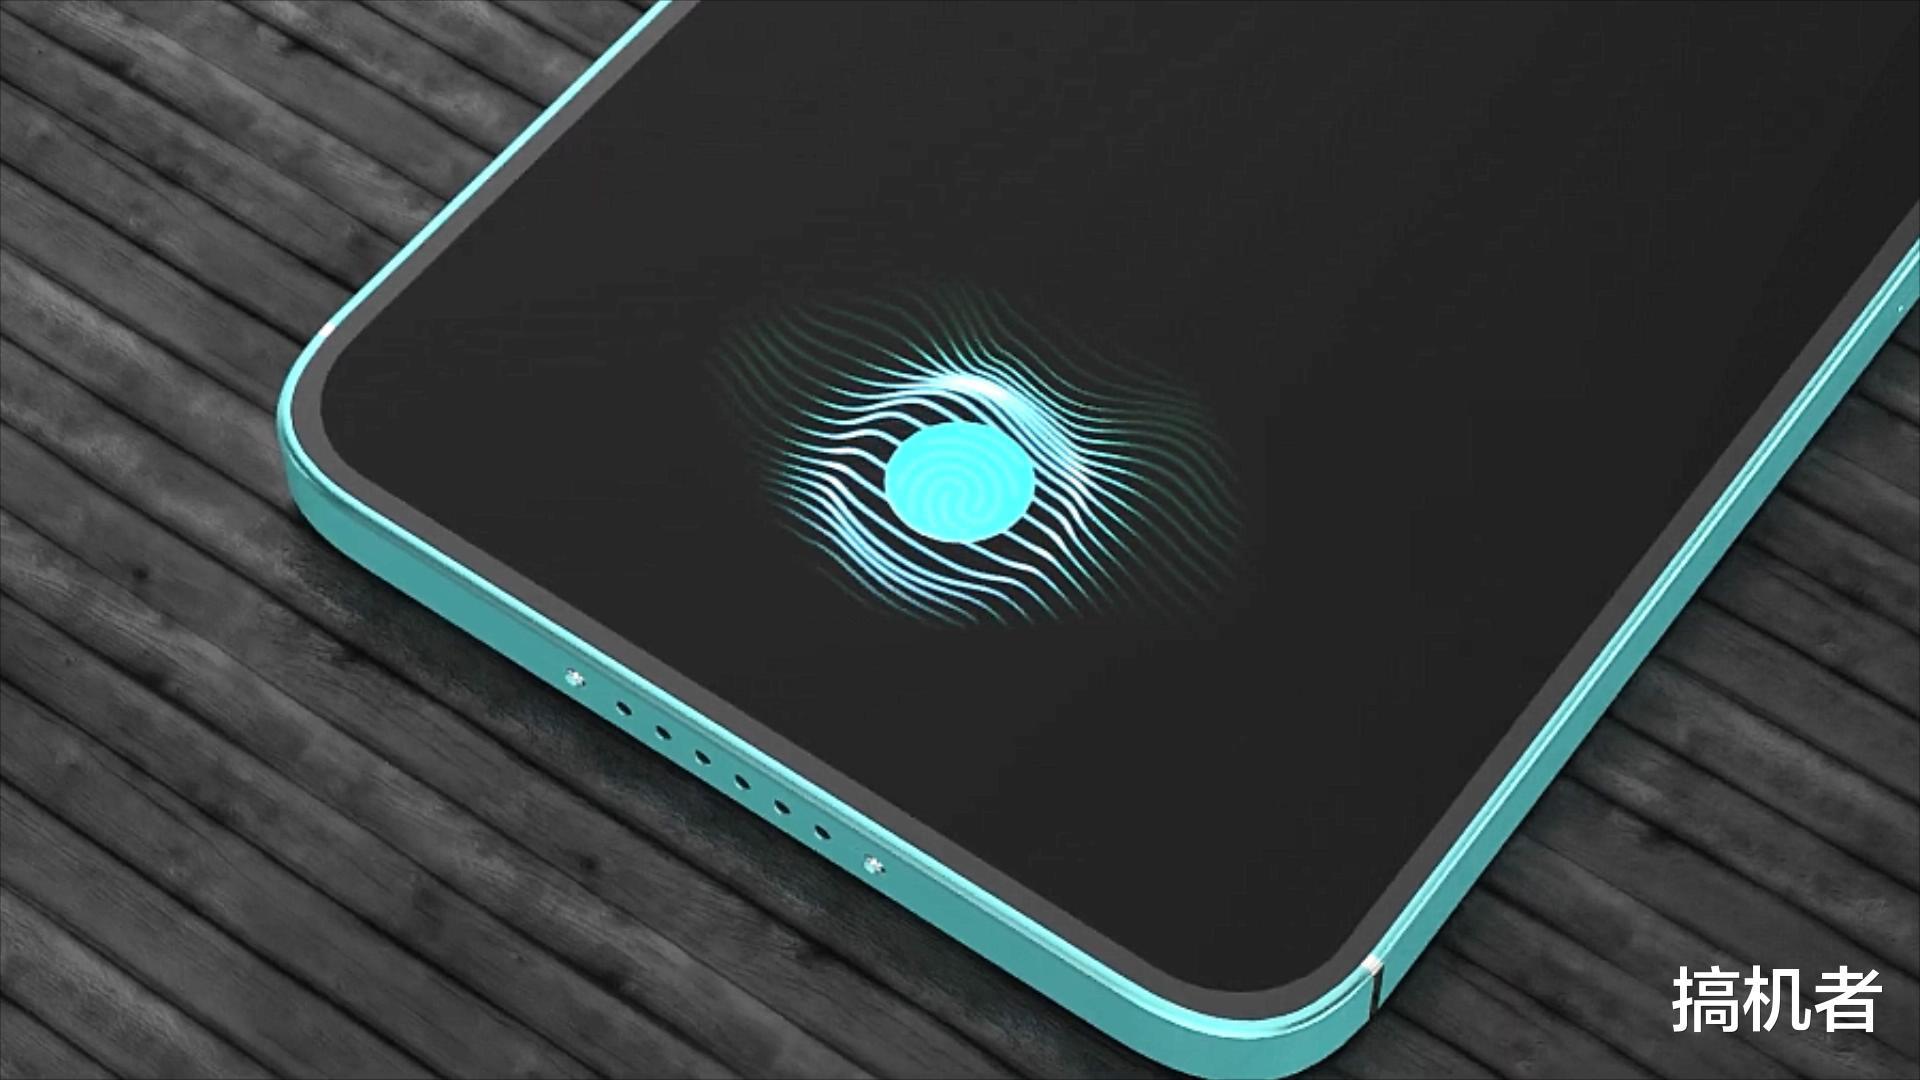 这些变化让iPhone13Pro发布,你觉得卖多少钱合适呢? 好物评测 第3张